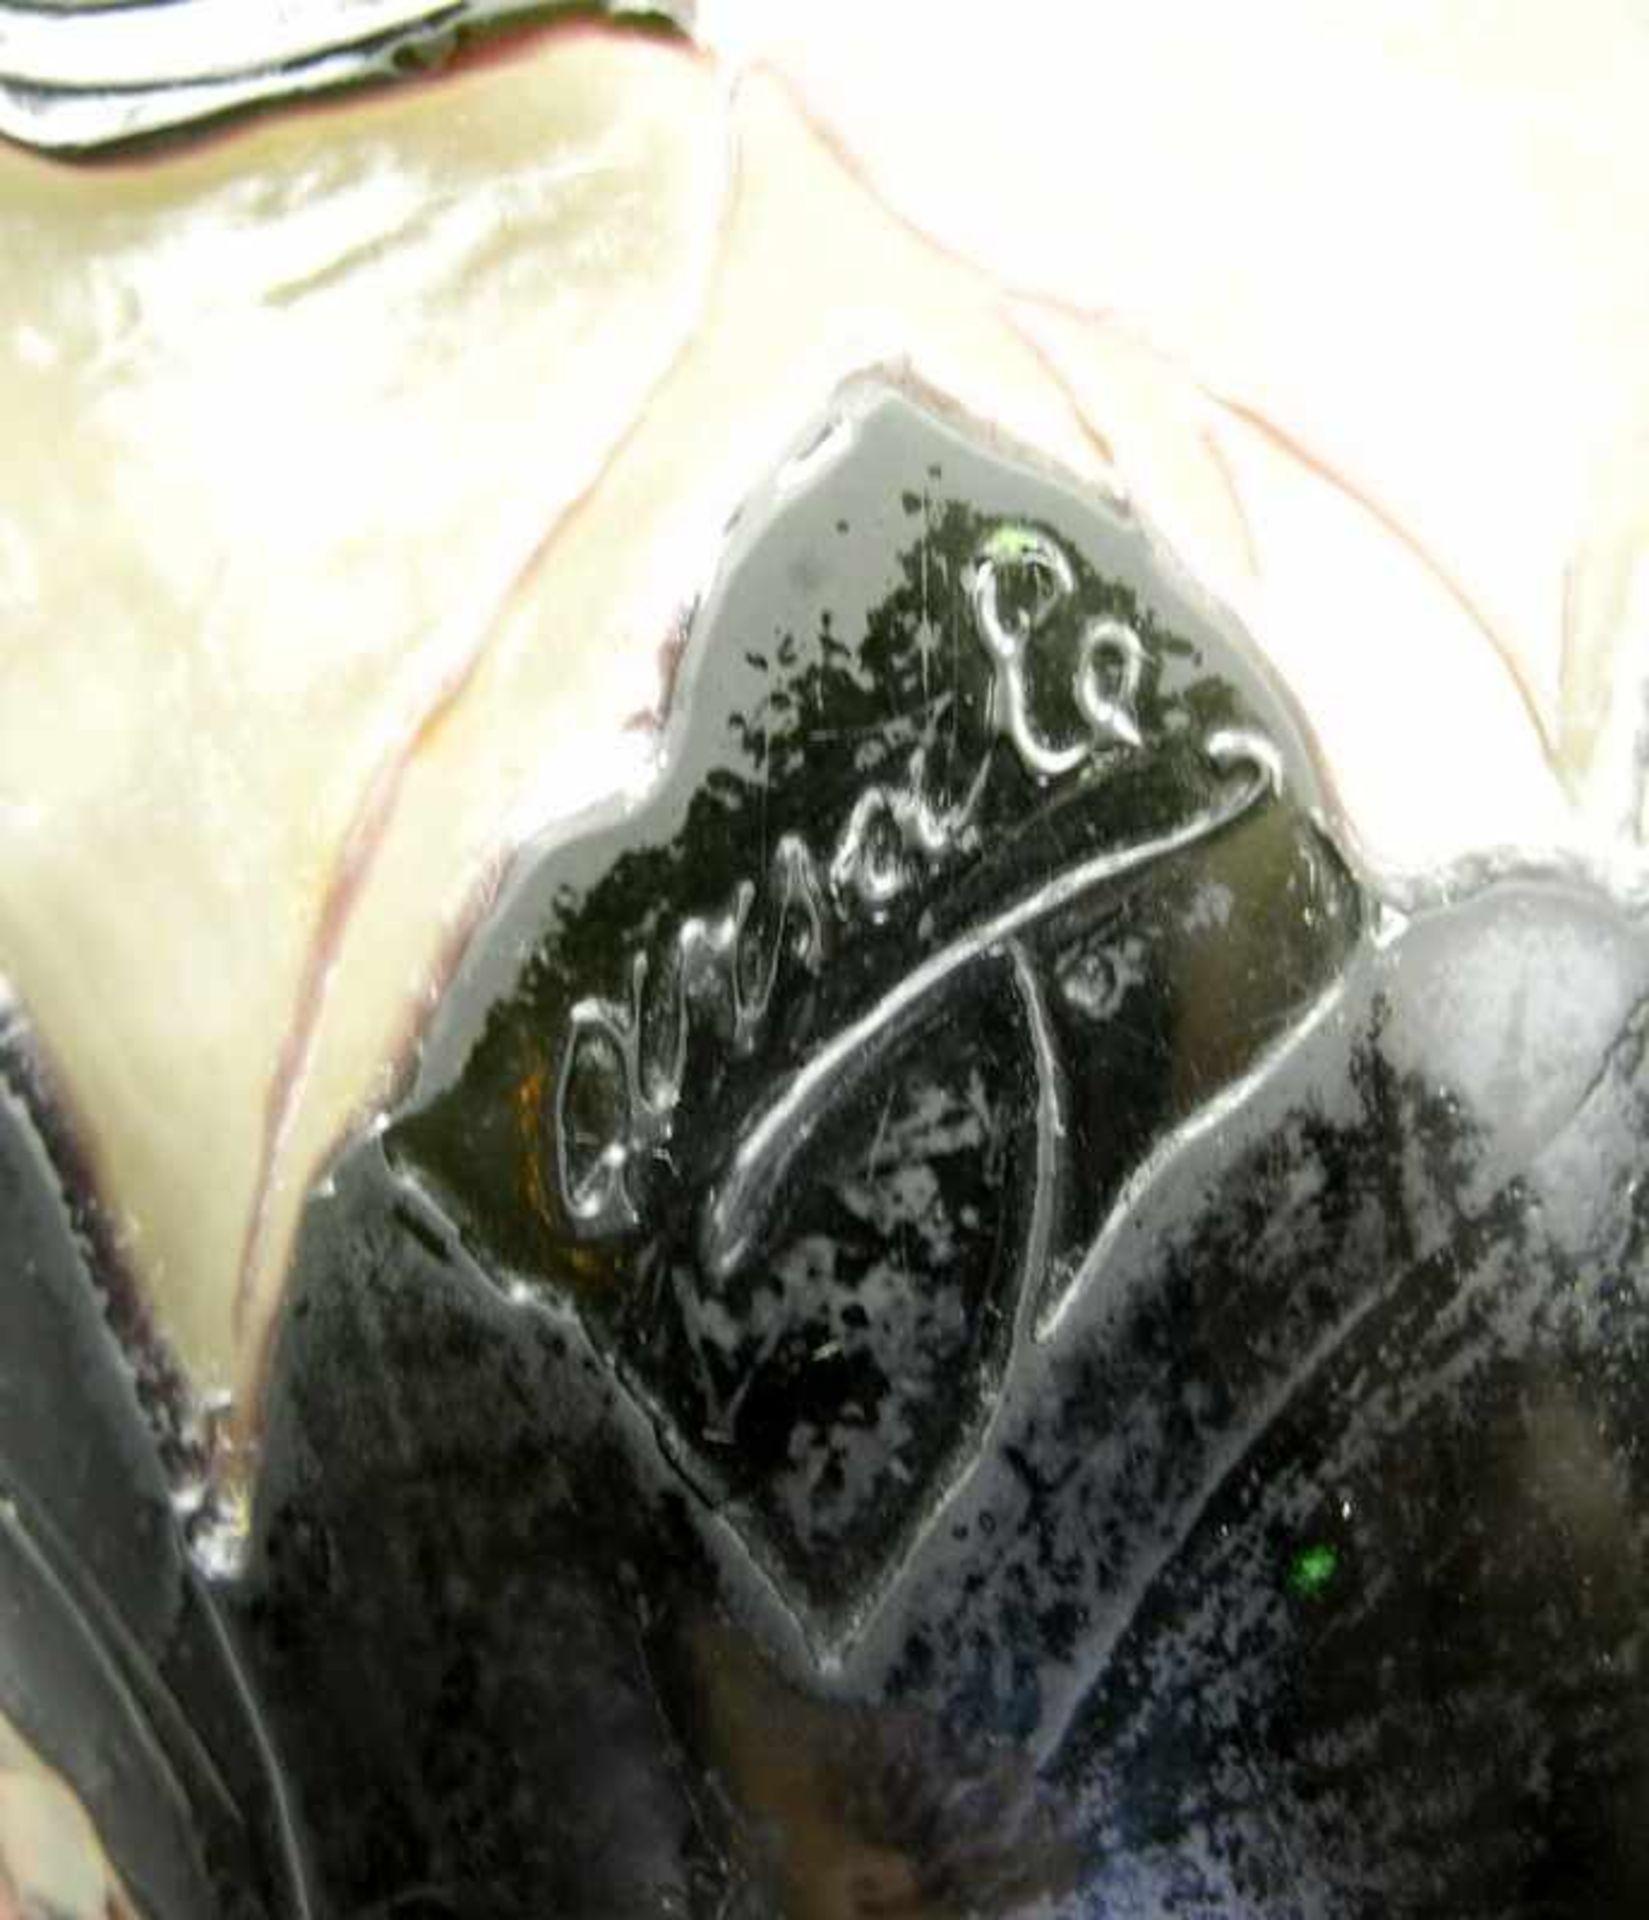 Arsall, GlasvaseOpakes, zum Hals leicht rötlich werdendes Glas mit grünem Überfang. - Bild 3 aus 4